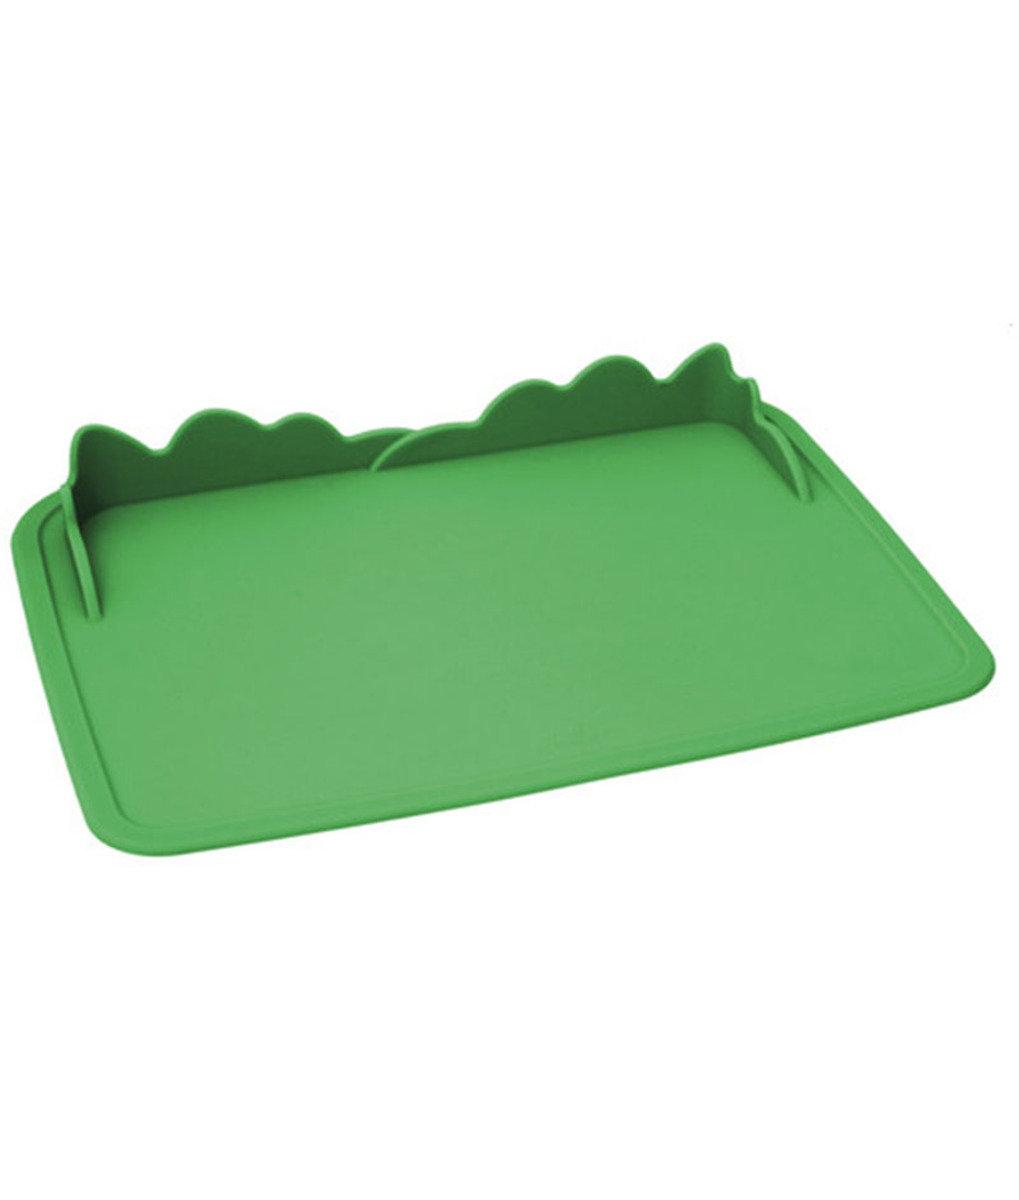 美國紐約My Natural™純天然有機餐墊 - 綠色